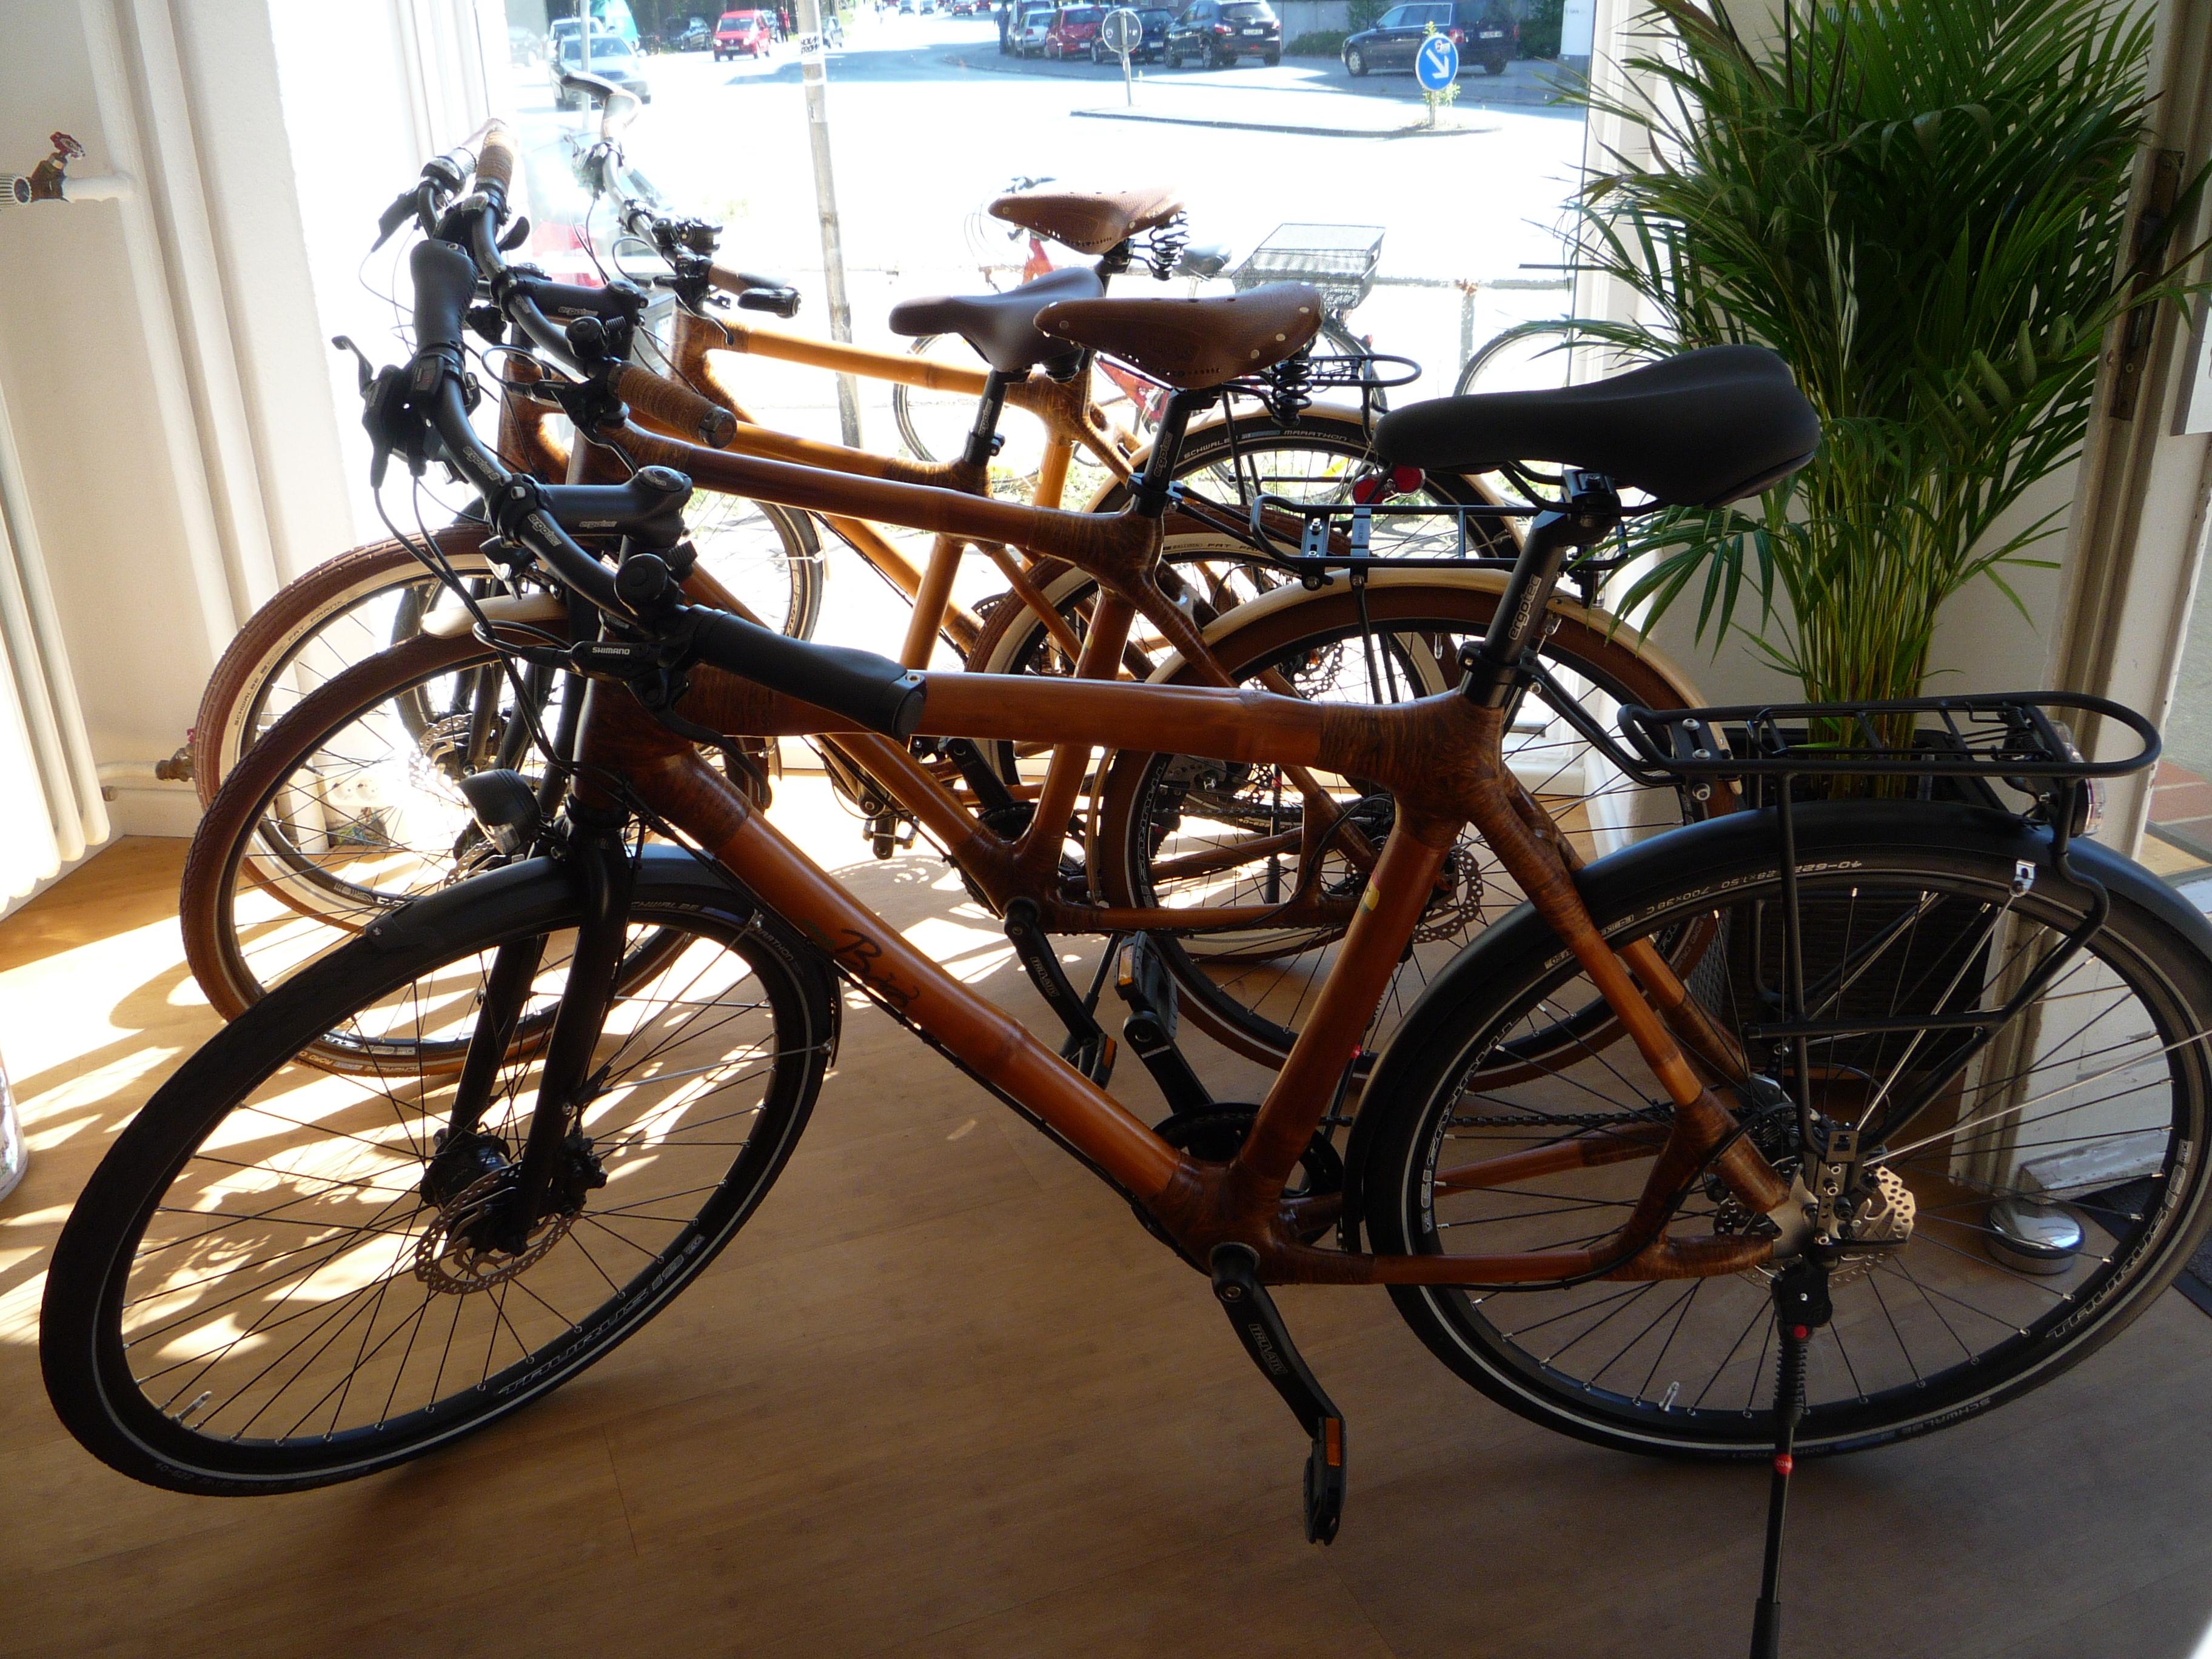 Fahrräder mit Bambusrahmen